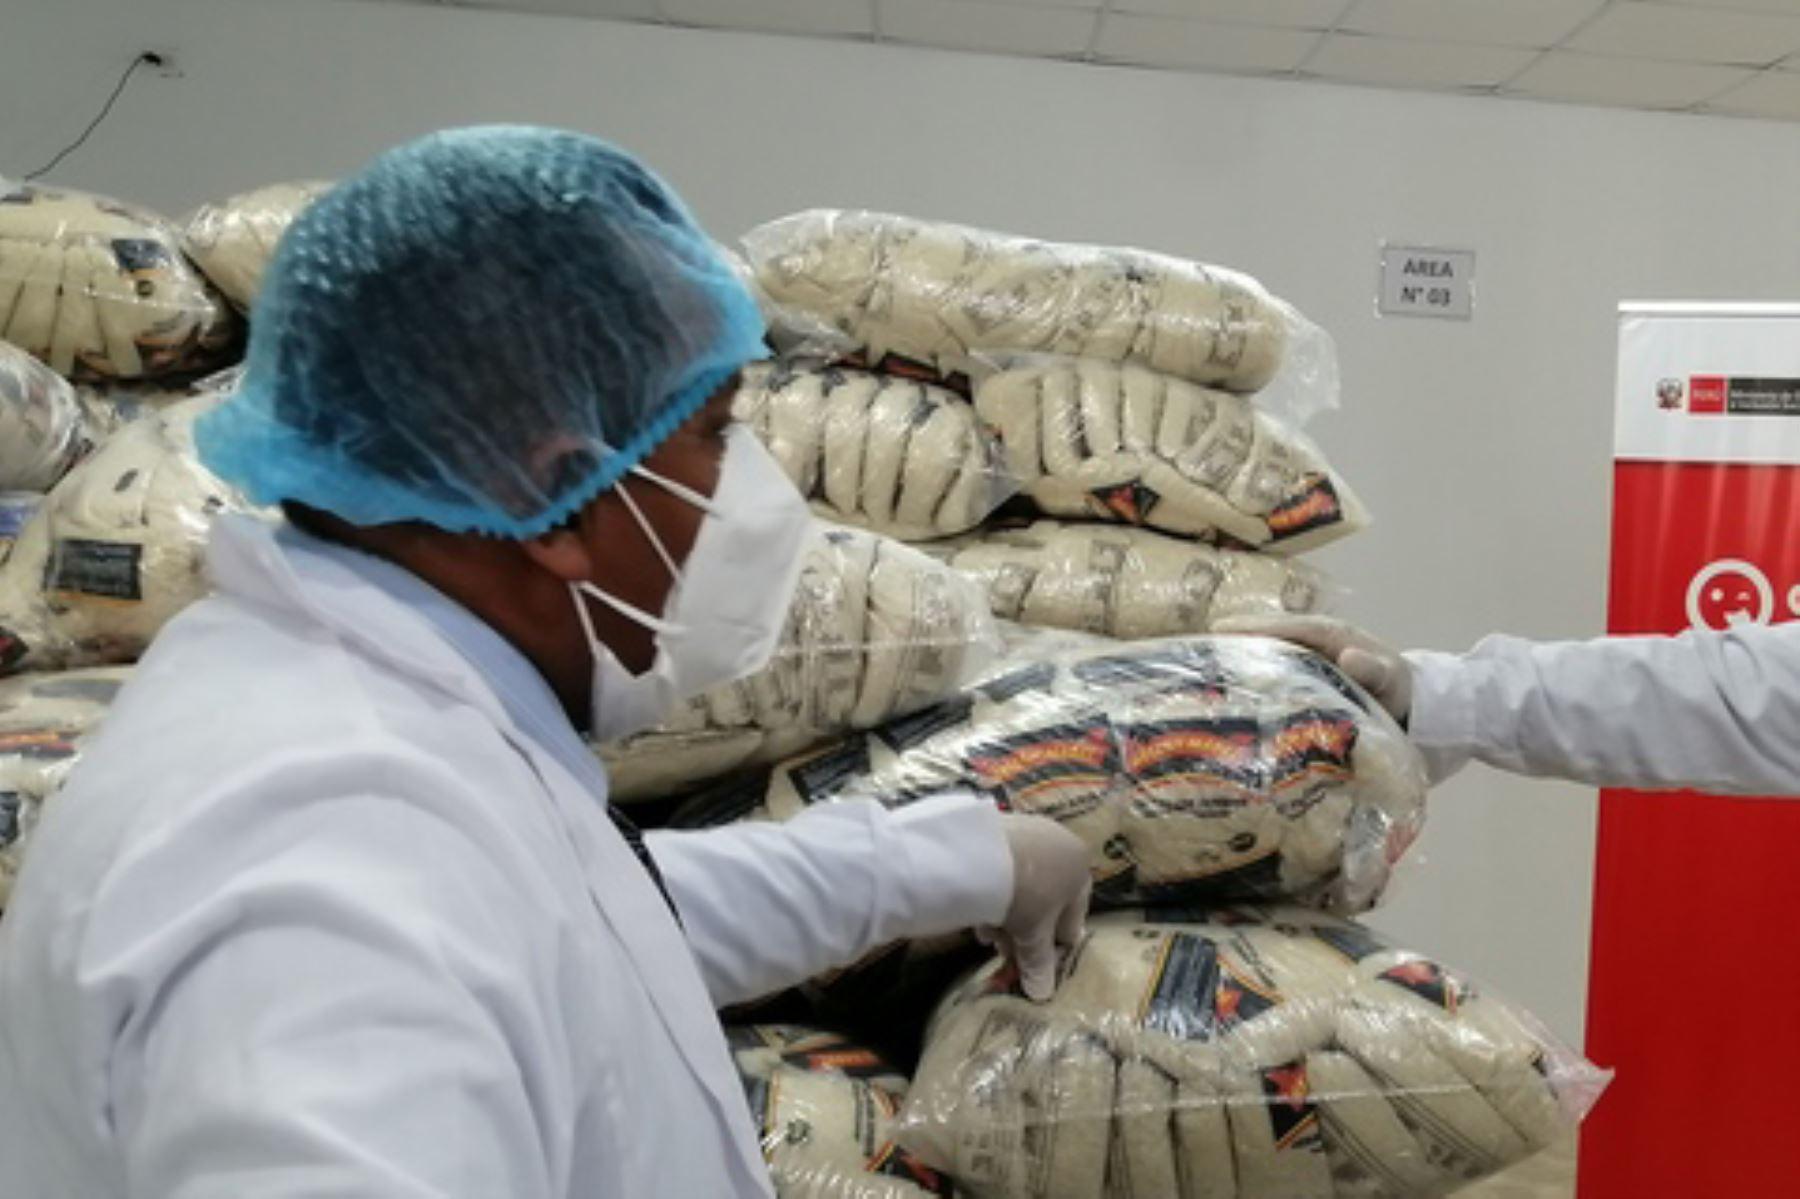 La cuarta entrega de alimentos contempla 123 toneladas para los niños de inicial y primaria de la región Tumbes. Foto: ANDINA/Midis